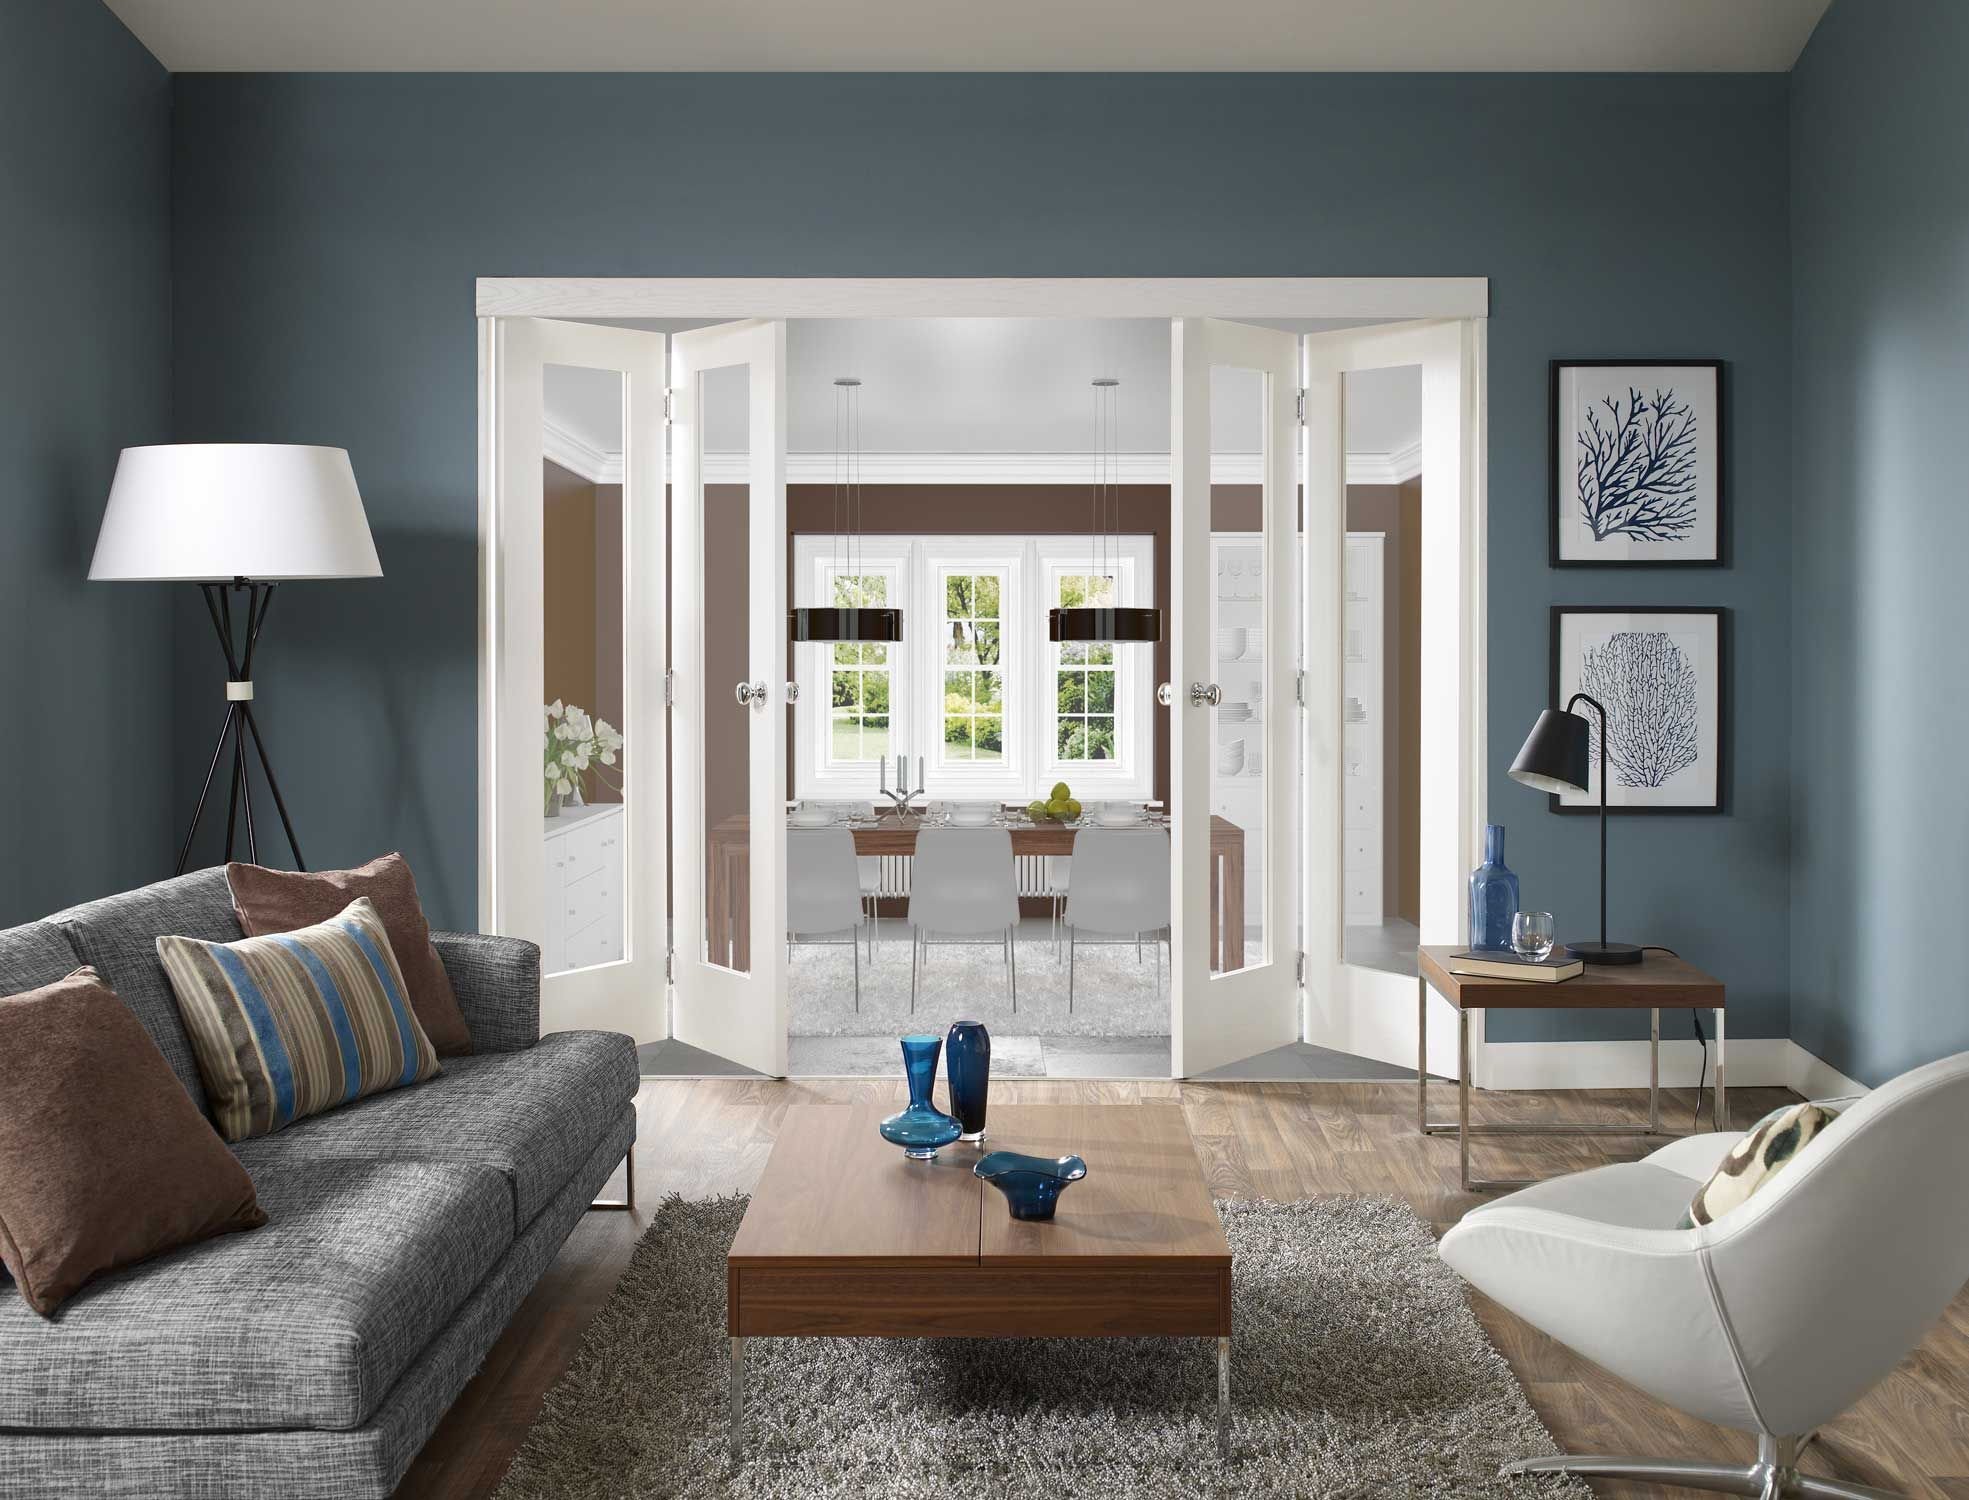 Schön Modernes Wohnzimmer Blau Mit Falt Innentüren Weiß